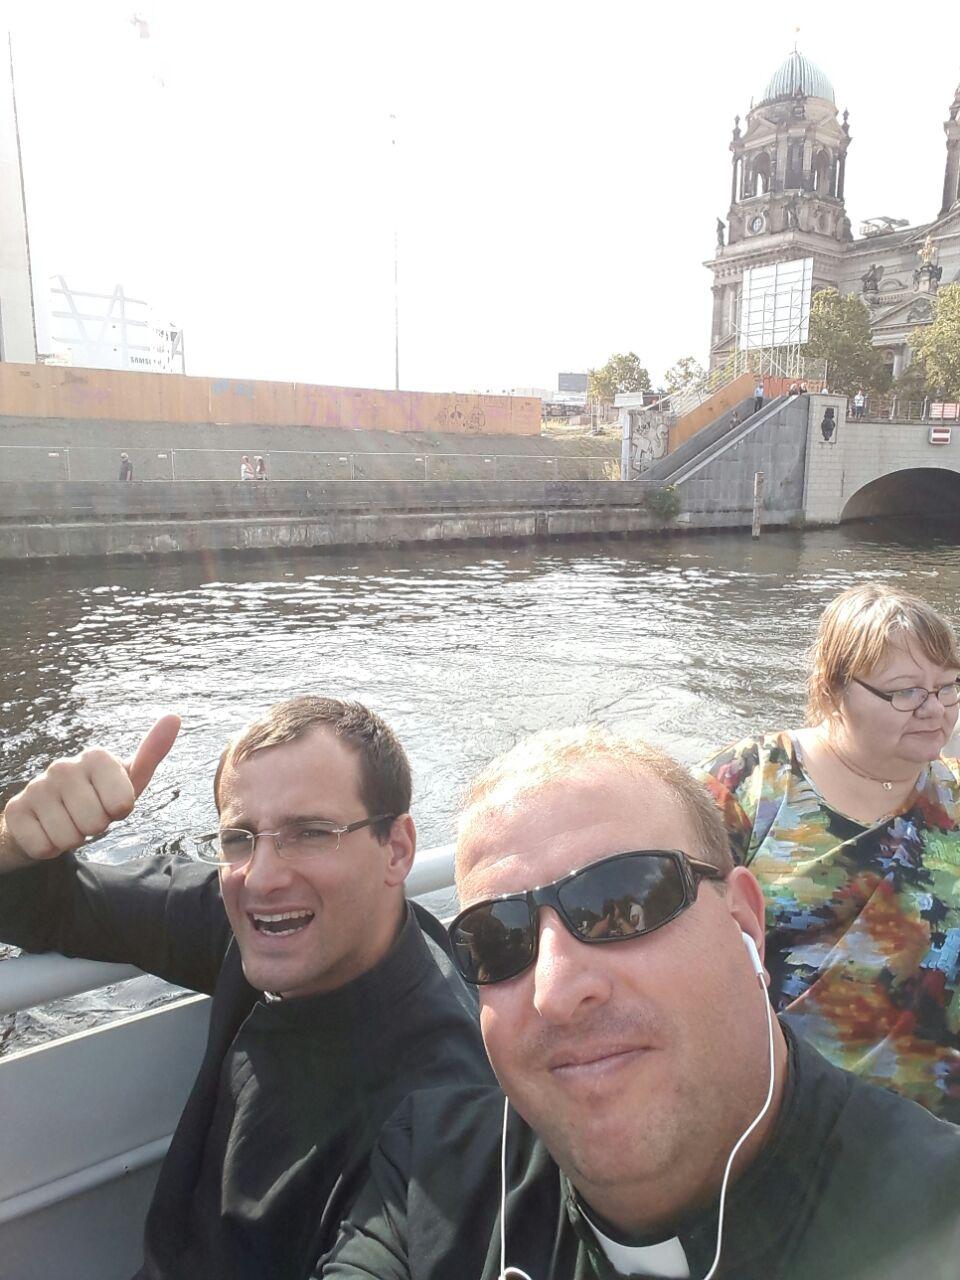 Paseo por el río Spree (Berlín)